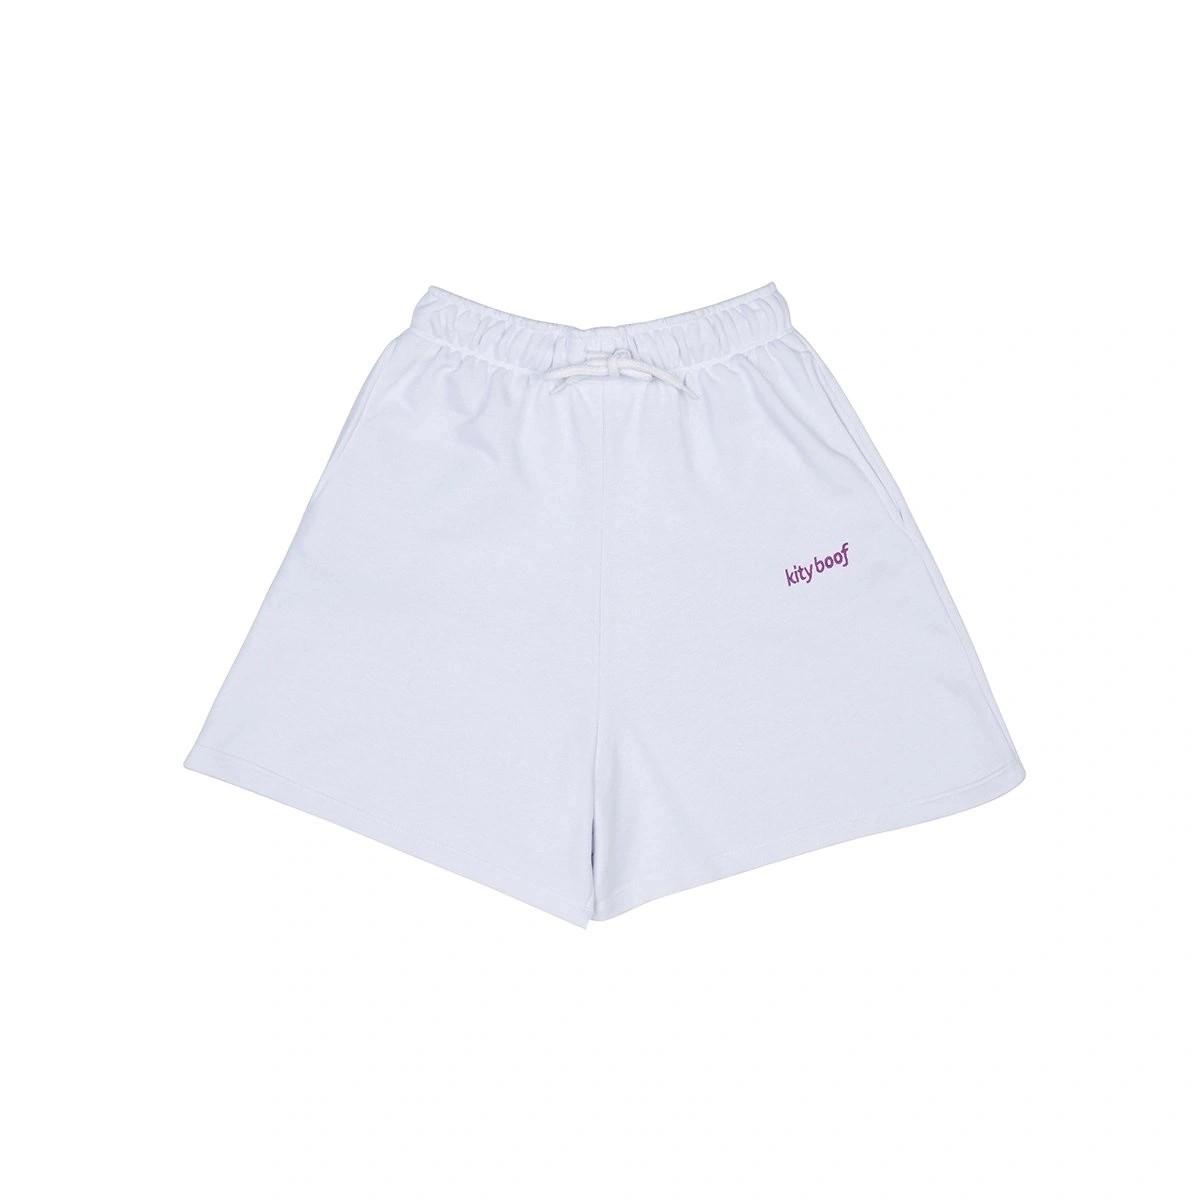 Kity Boof Short White